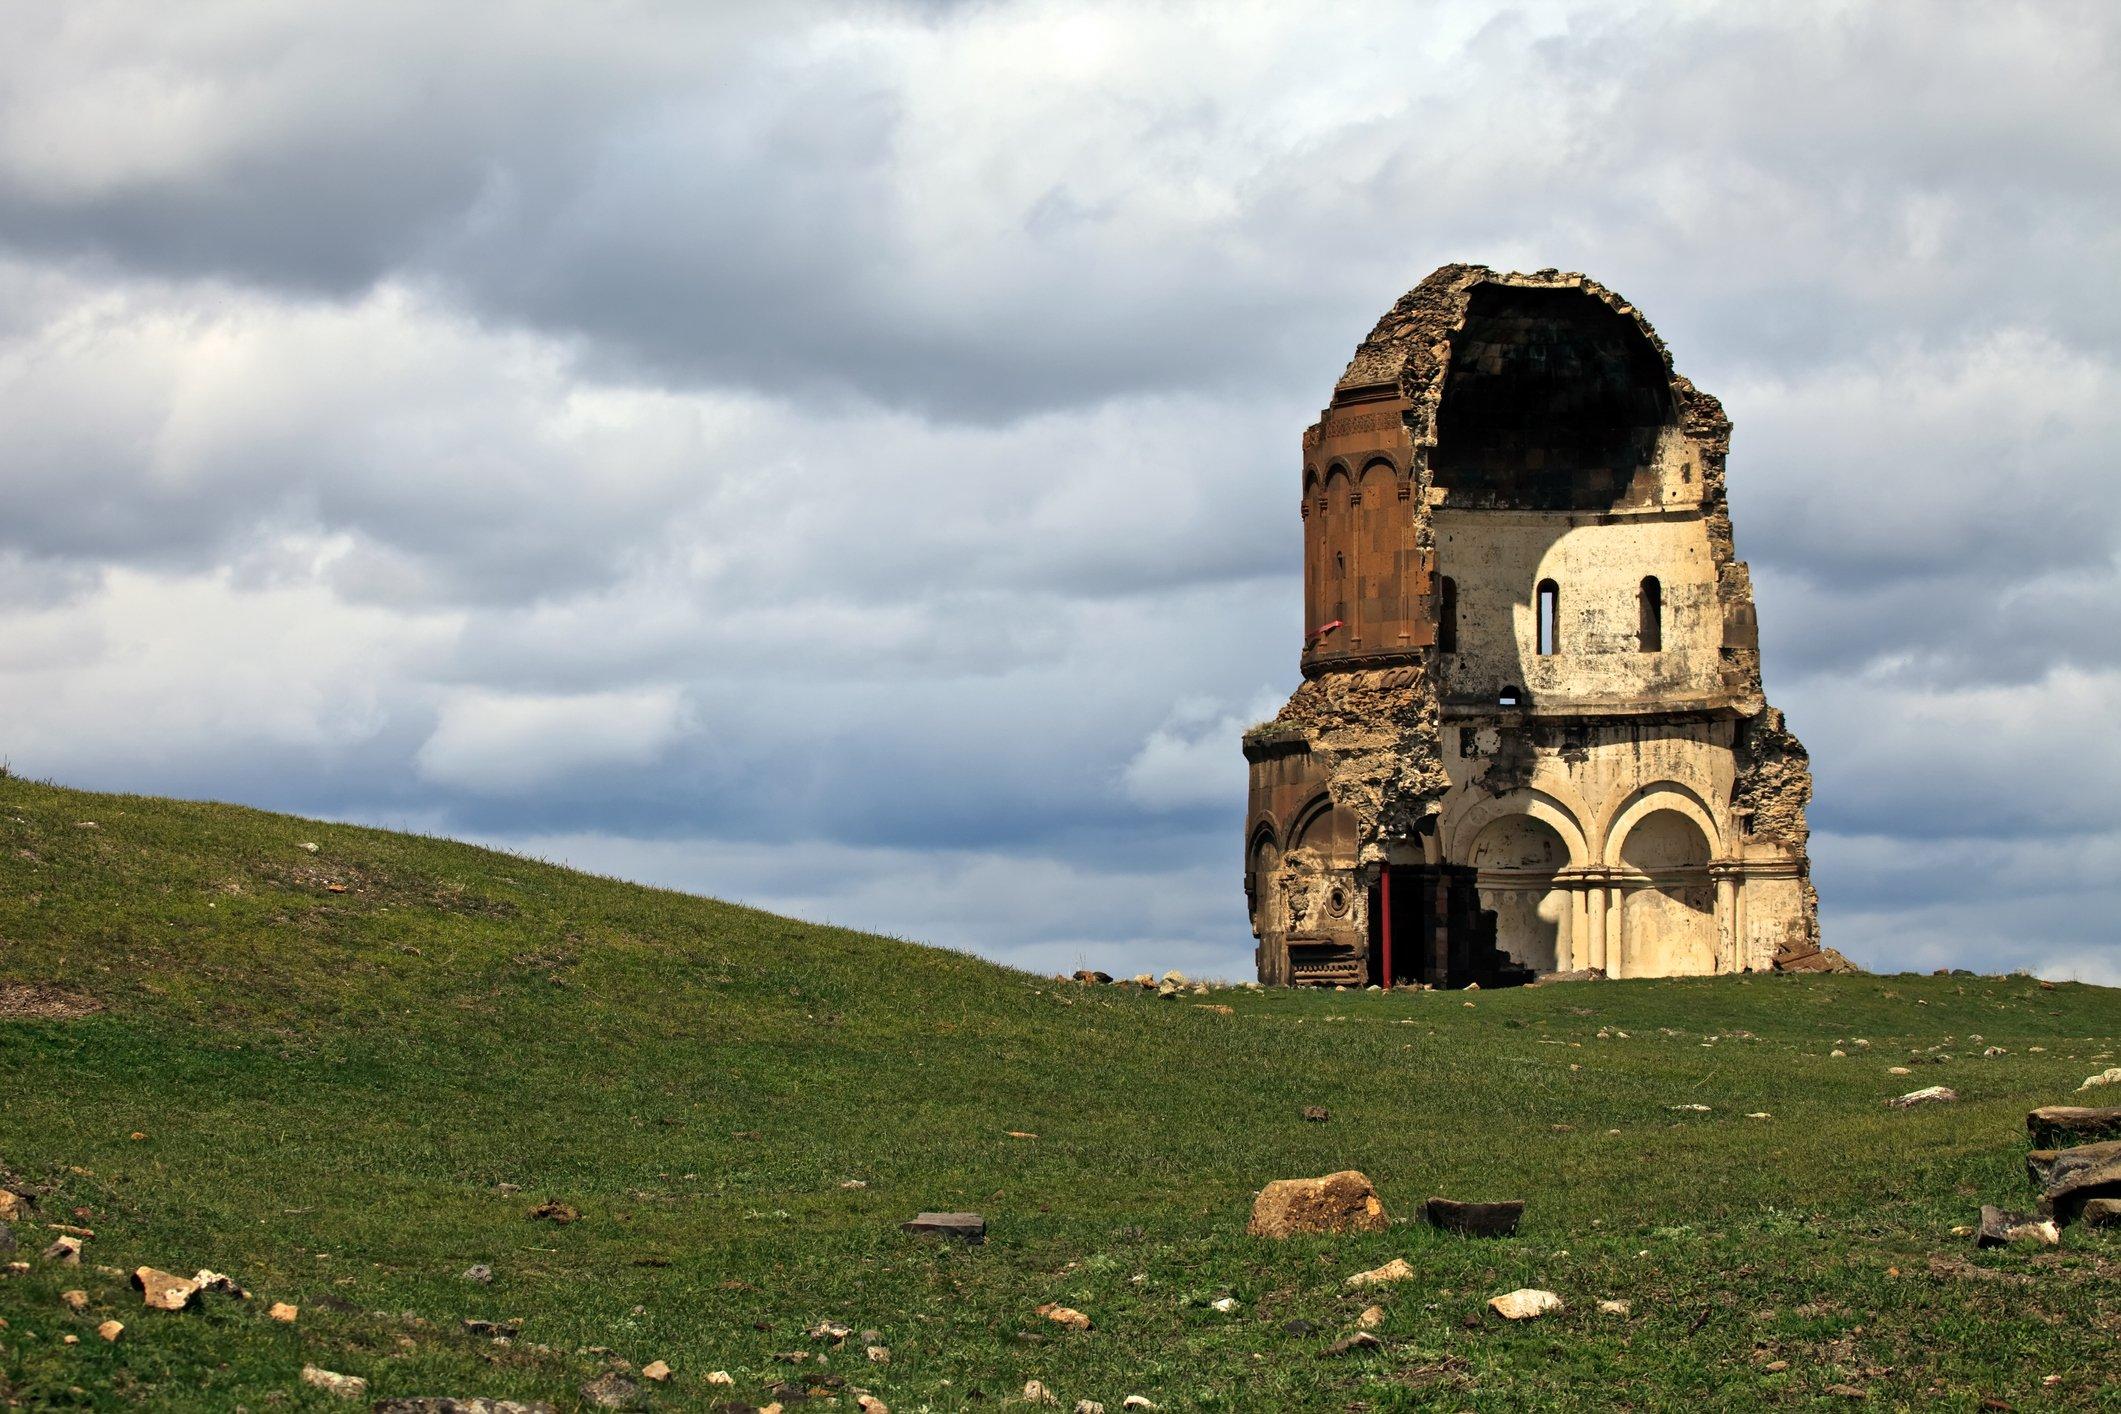 亚美尼亚古都遗址目前位于土耳其,只能从卡尔斯镇进入。